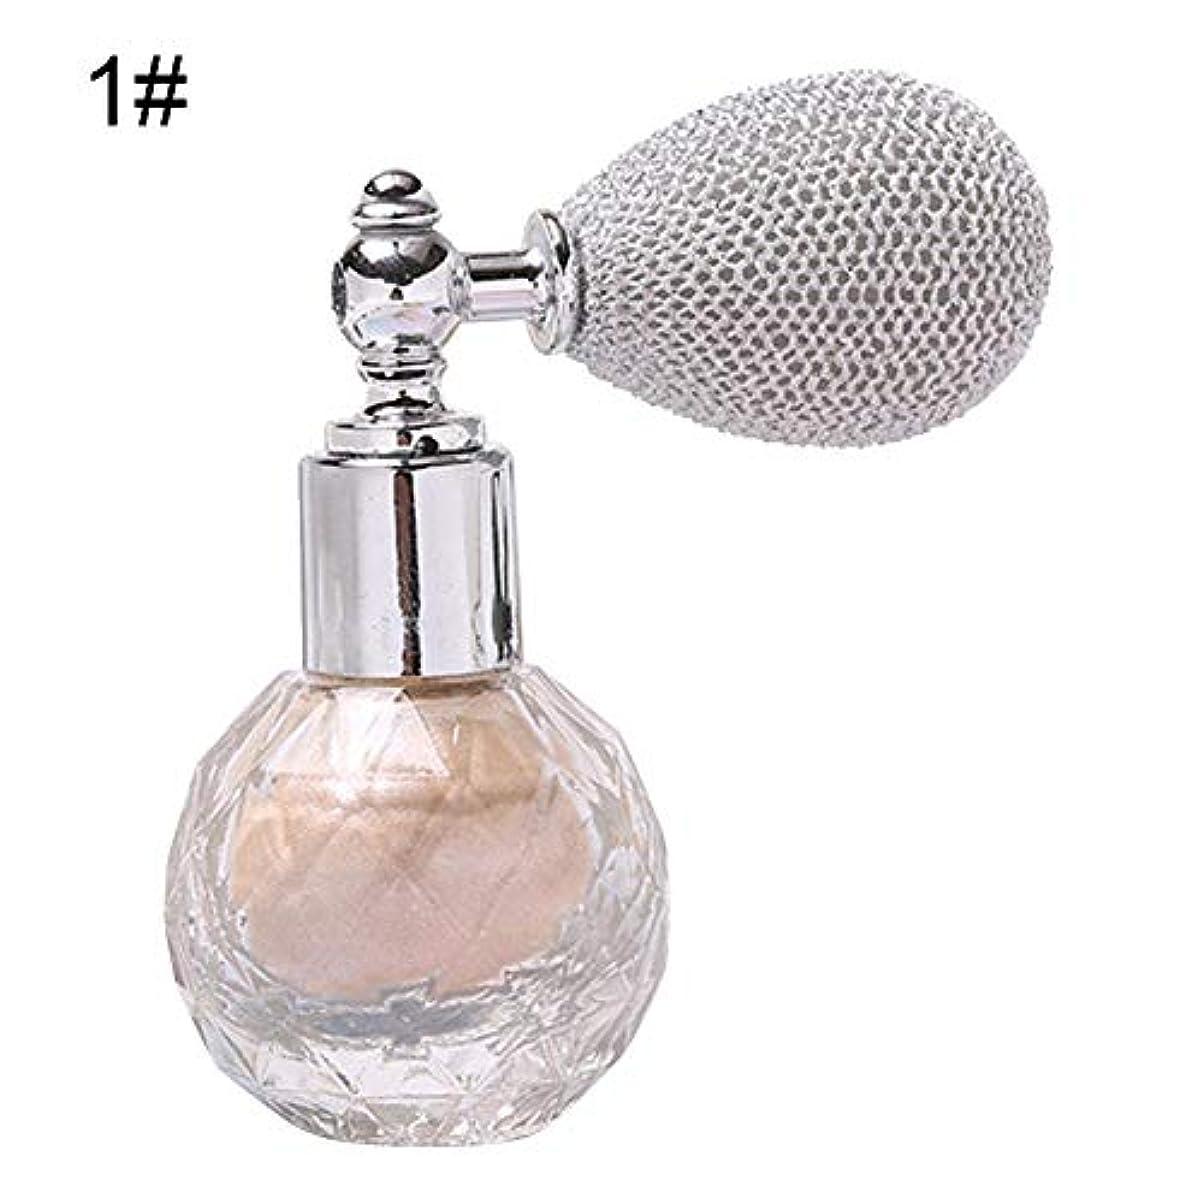 魔術師邪魔するのれんLicentury グリッターパウダー スプレー 式 香水味 顔/ボディ/ヘア 化粧パウダー 4色選択可